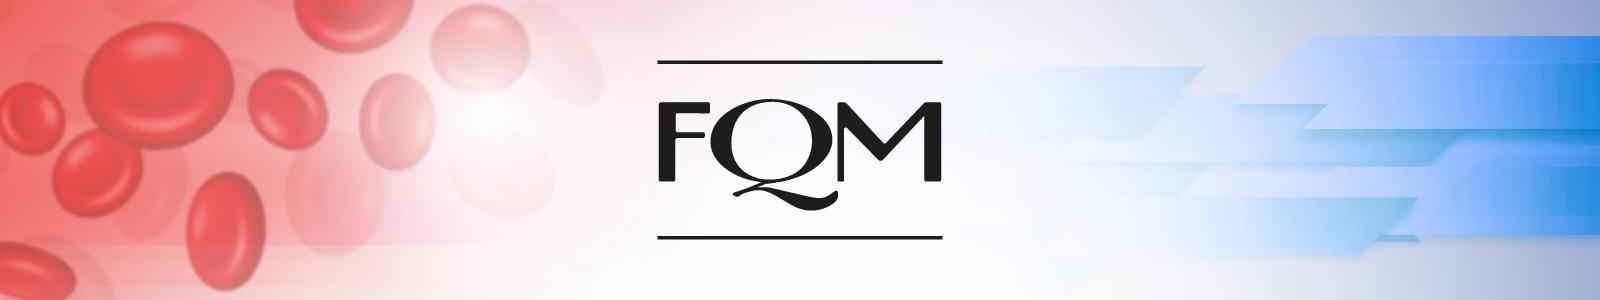 Diacordis2021-BANNER-FQM